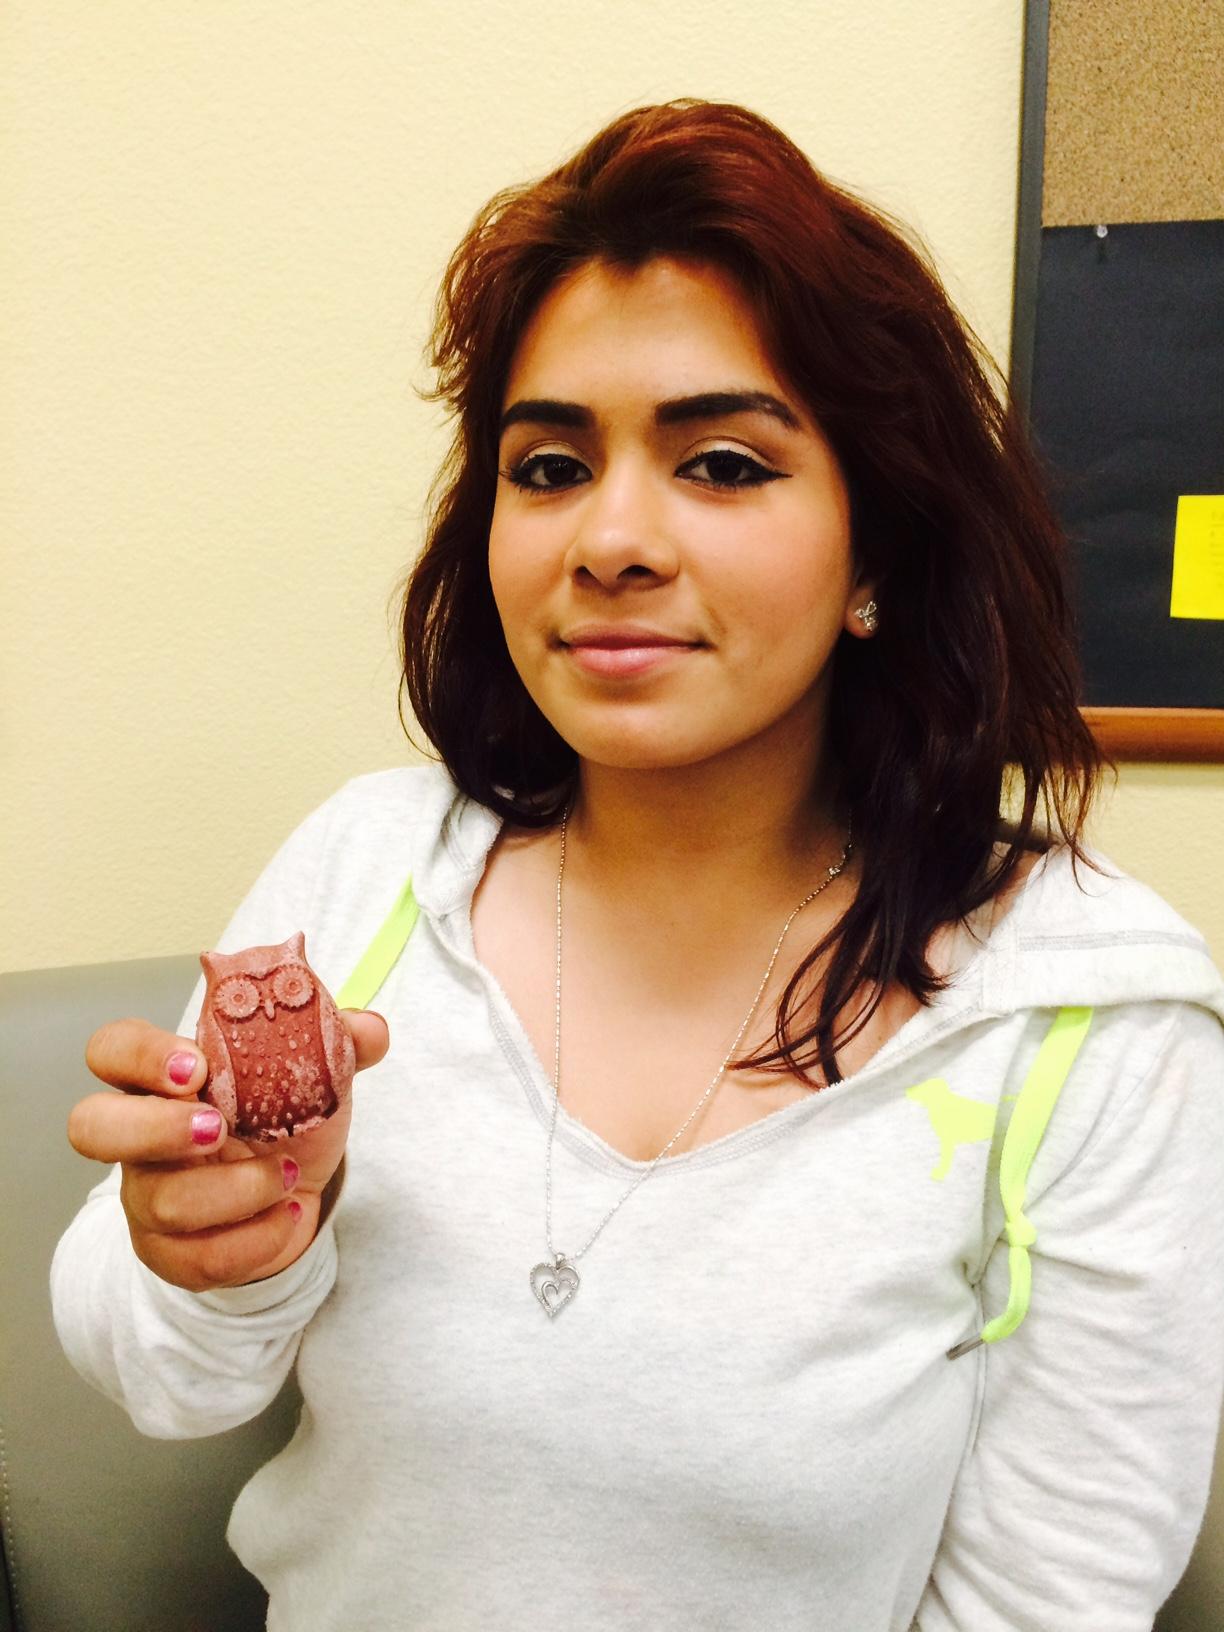 Lyzette Rubenstein, Student at Diego Valley Charter School.